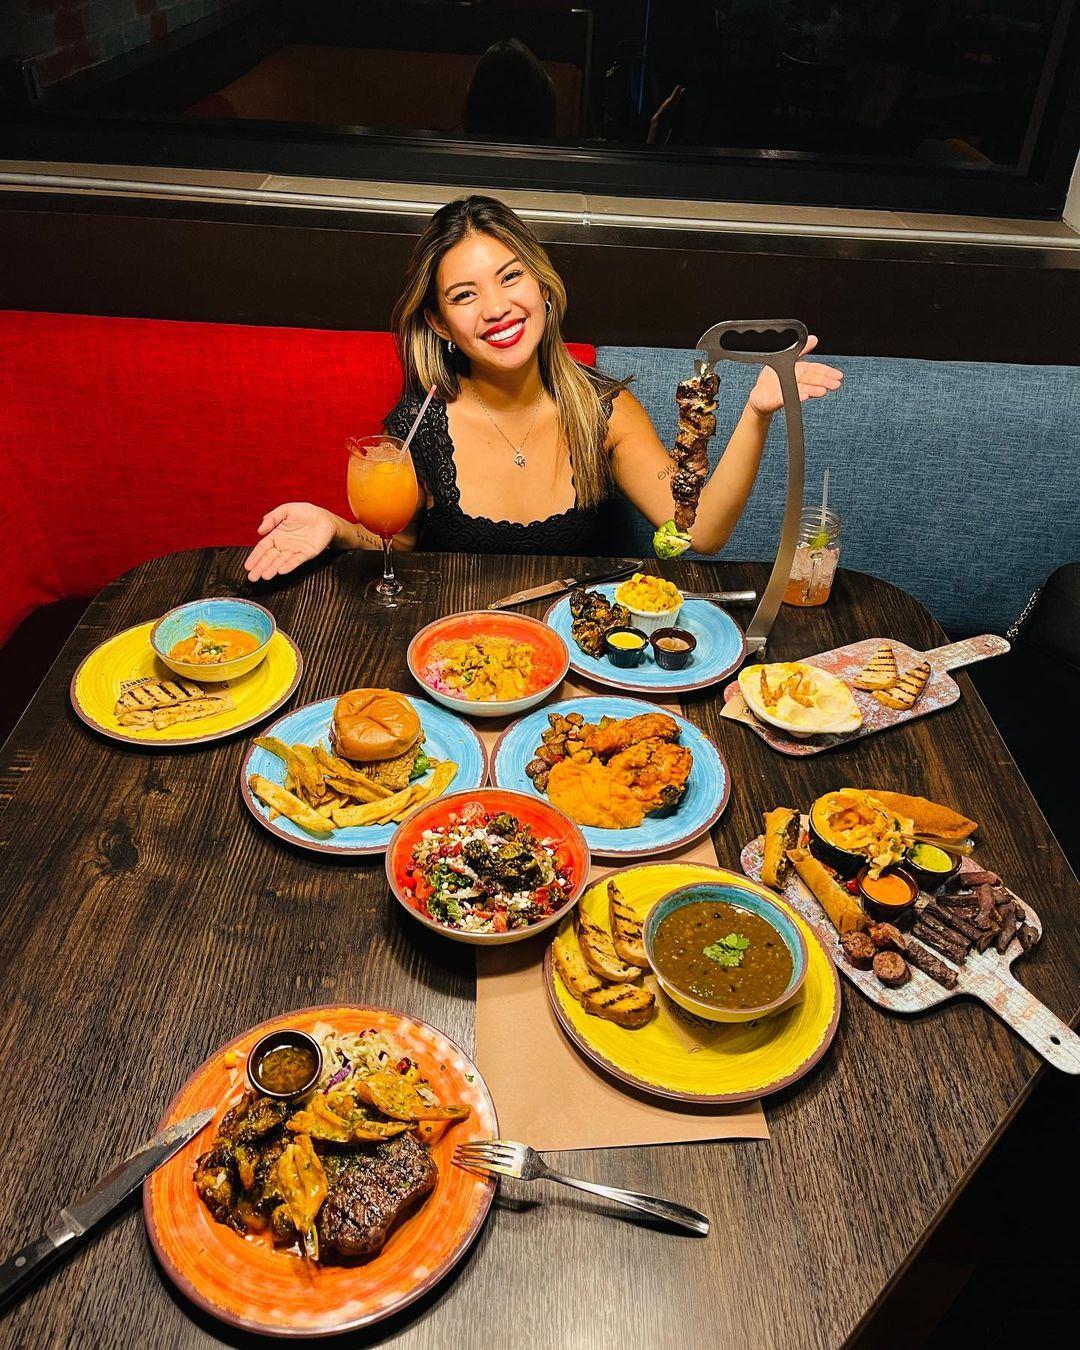 Best 14 Restaurants I've Visited in Houston, Texas